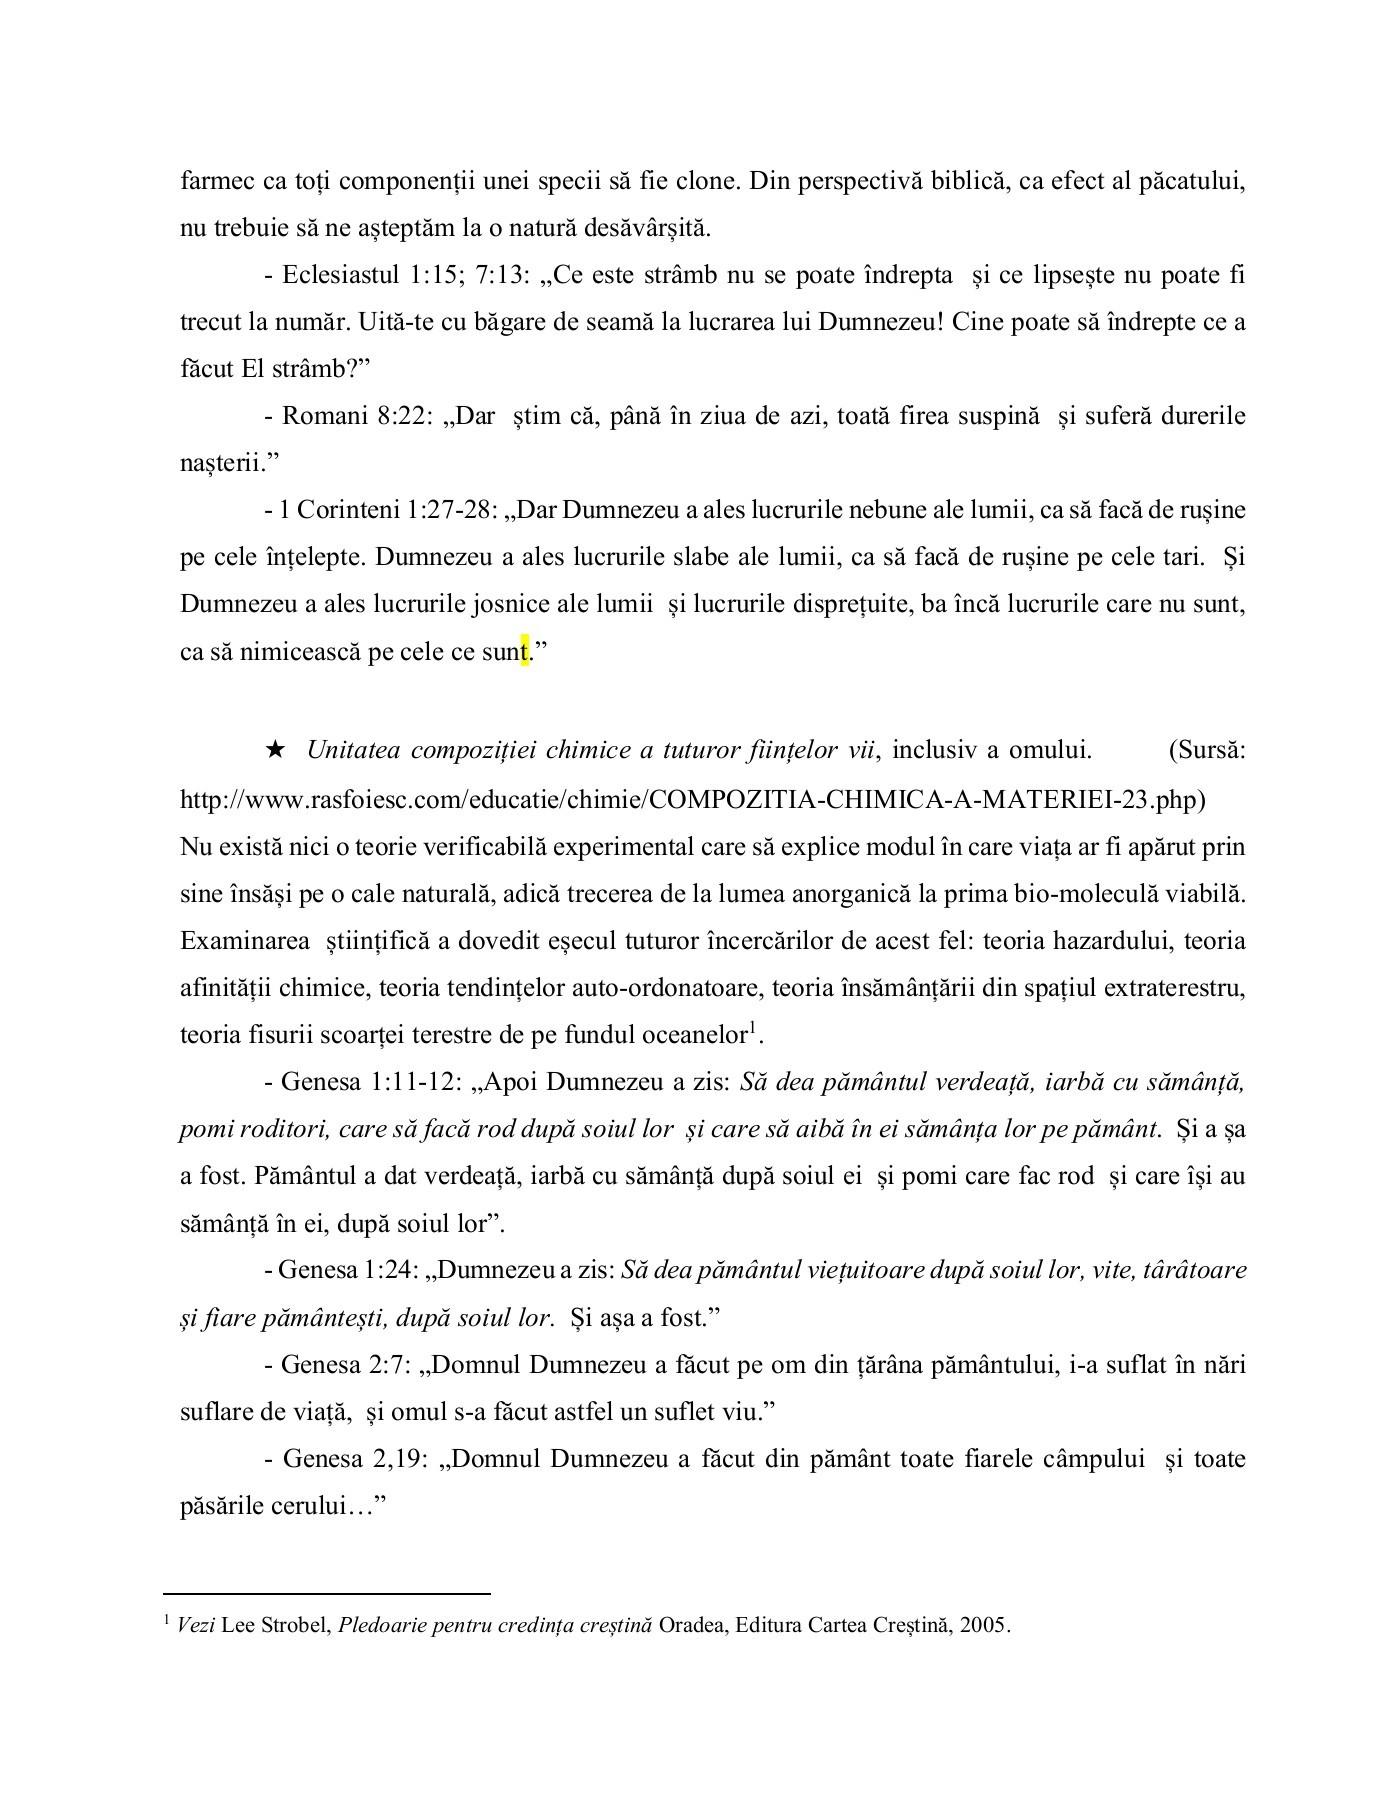 Ultimul Buletin de Stiri - Parazitii - VAGALUME - Paraziți limbajul original